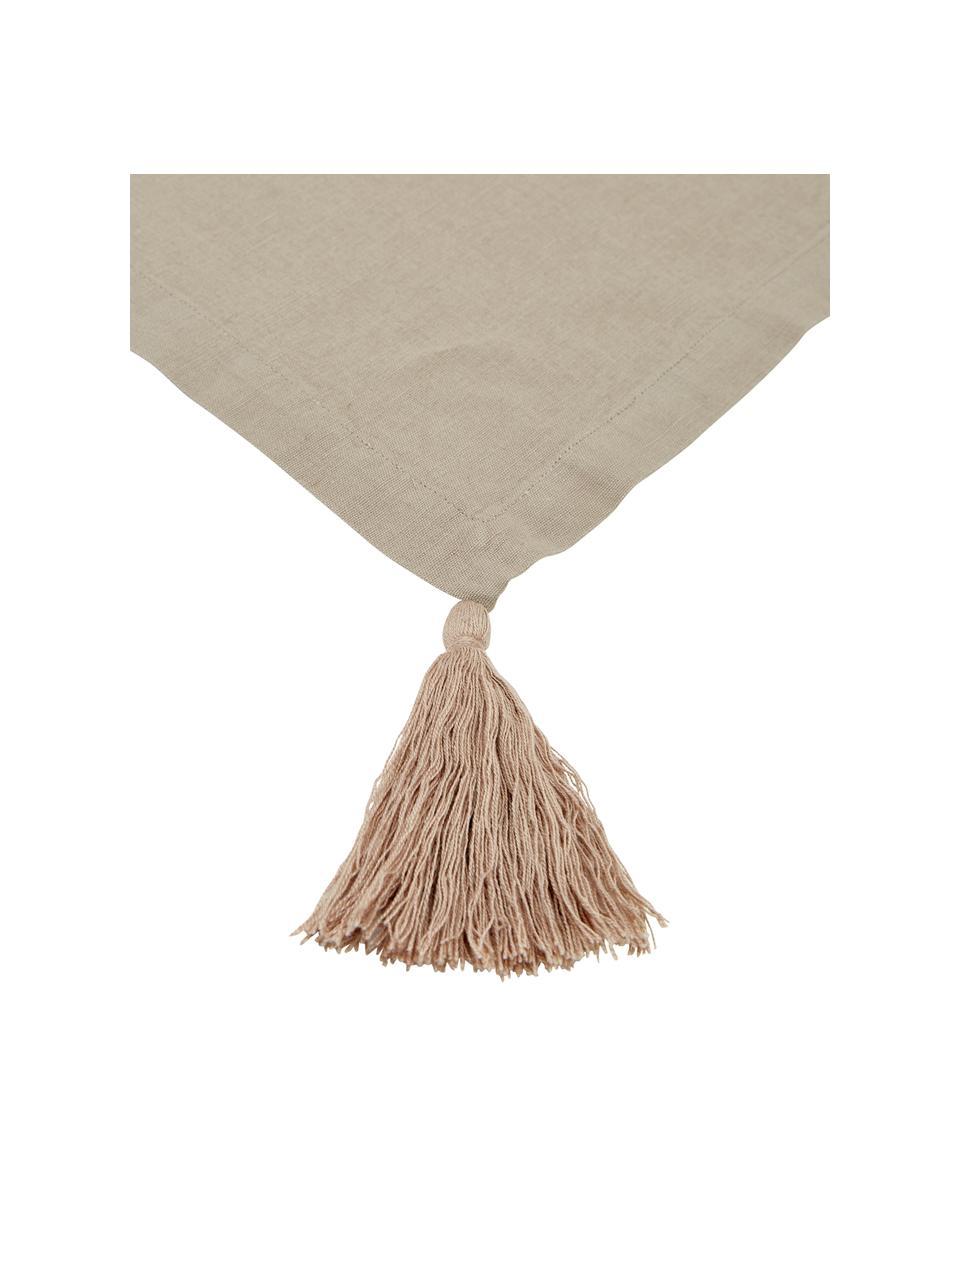 Obrus z chwostami Benini, 85% bawełna, 15% len, Greige, Dla 6-10 osób (S 130 x D 270 cm)